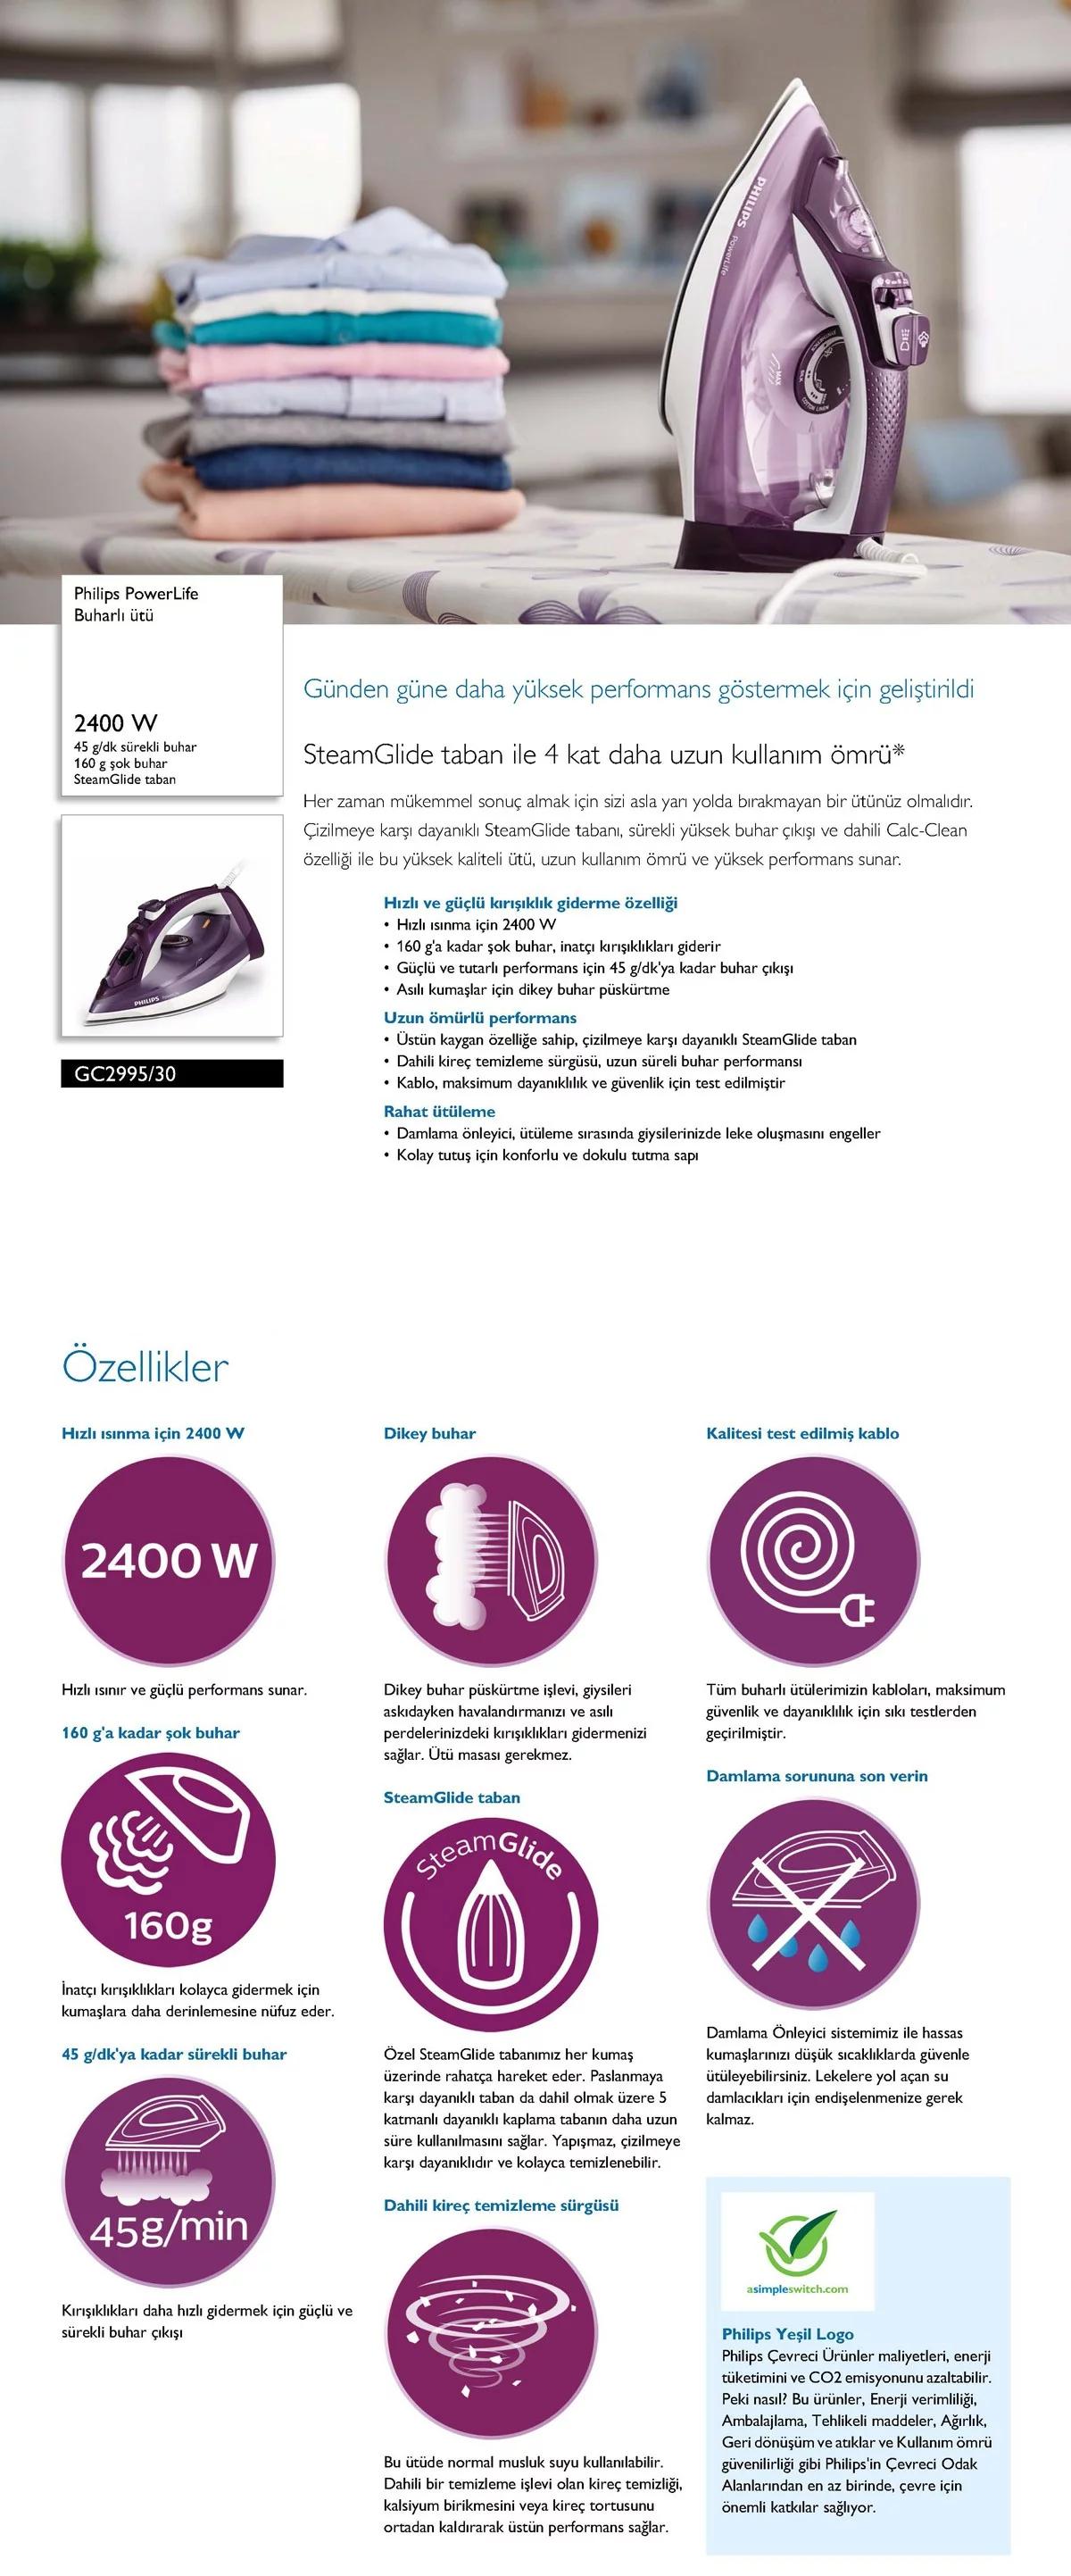 Philips GC299530 Powerlife Buharlı Ütü